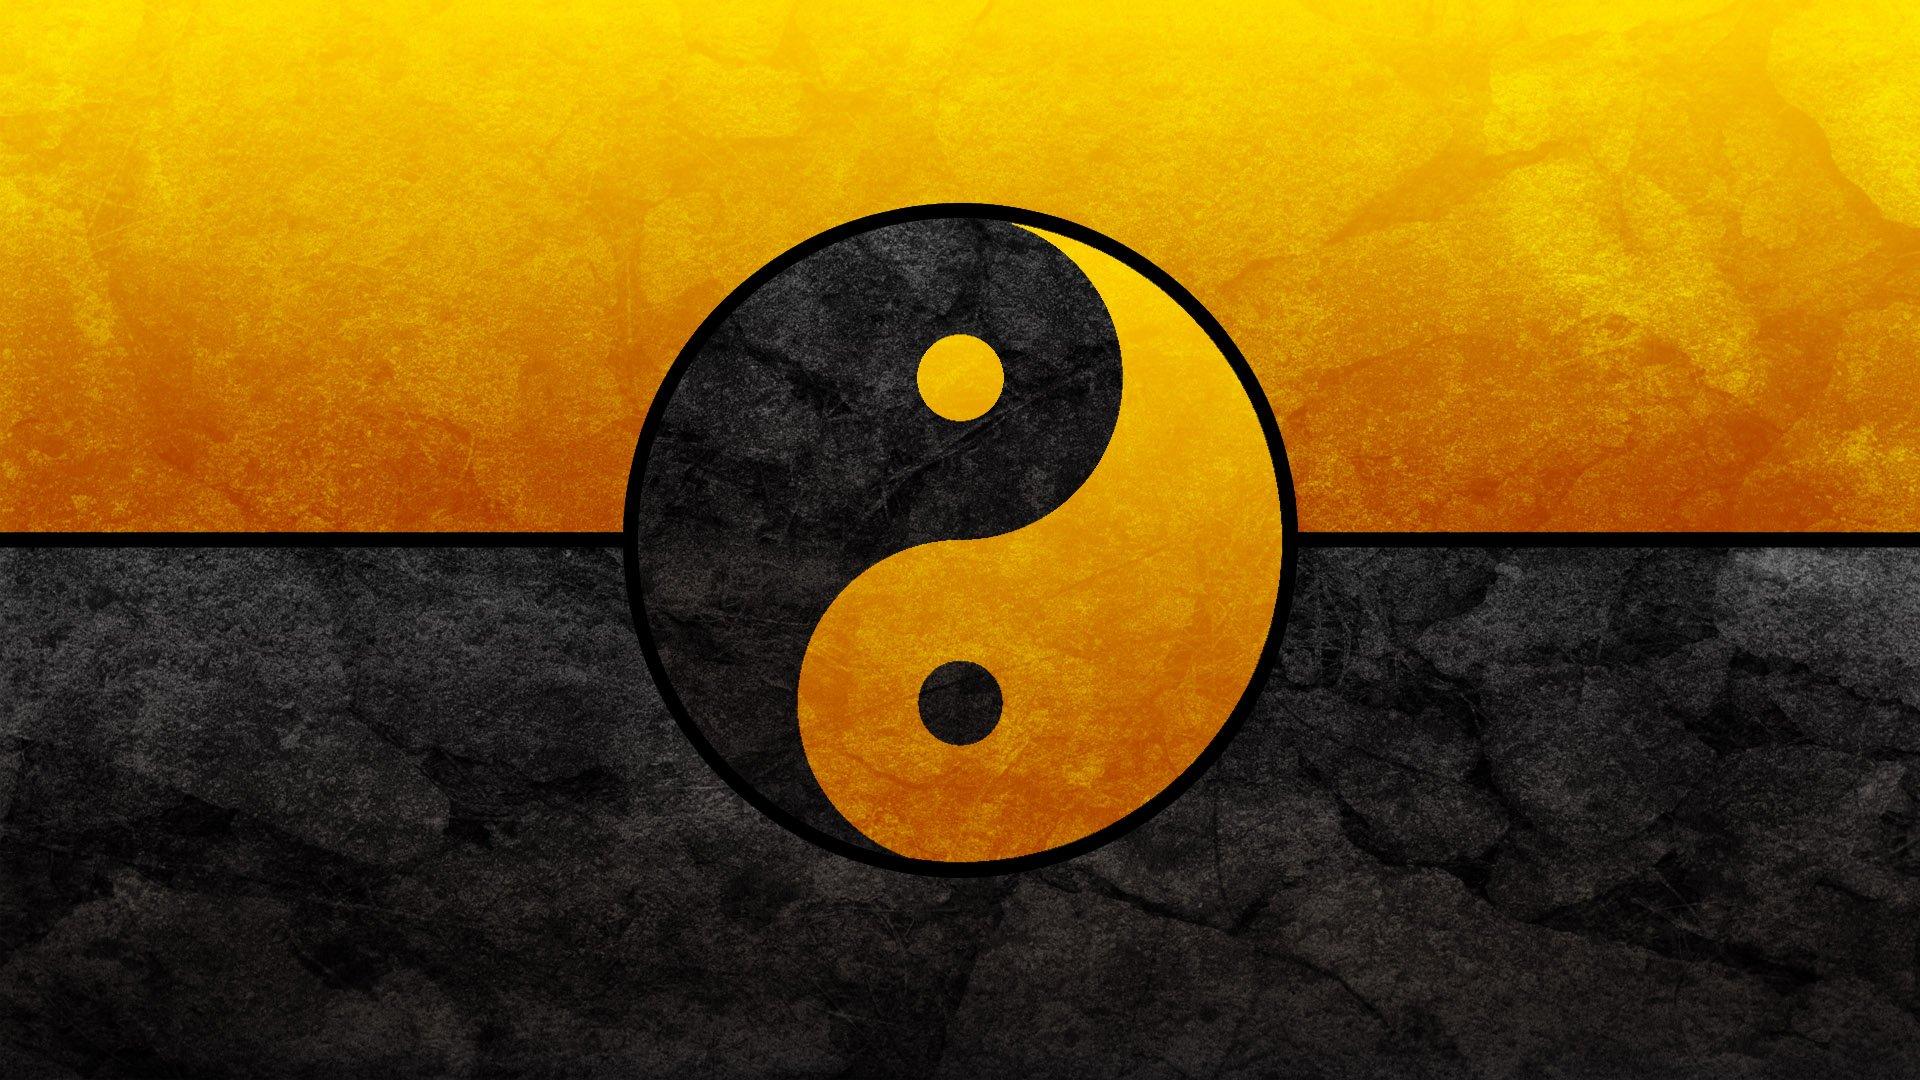 Yin Yang Wallpaper (36 Wallpapers) - Wallpapers For Desktop